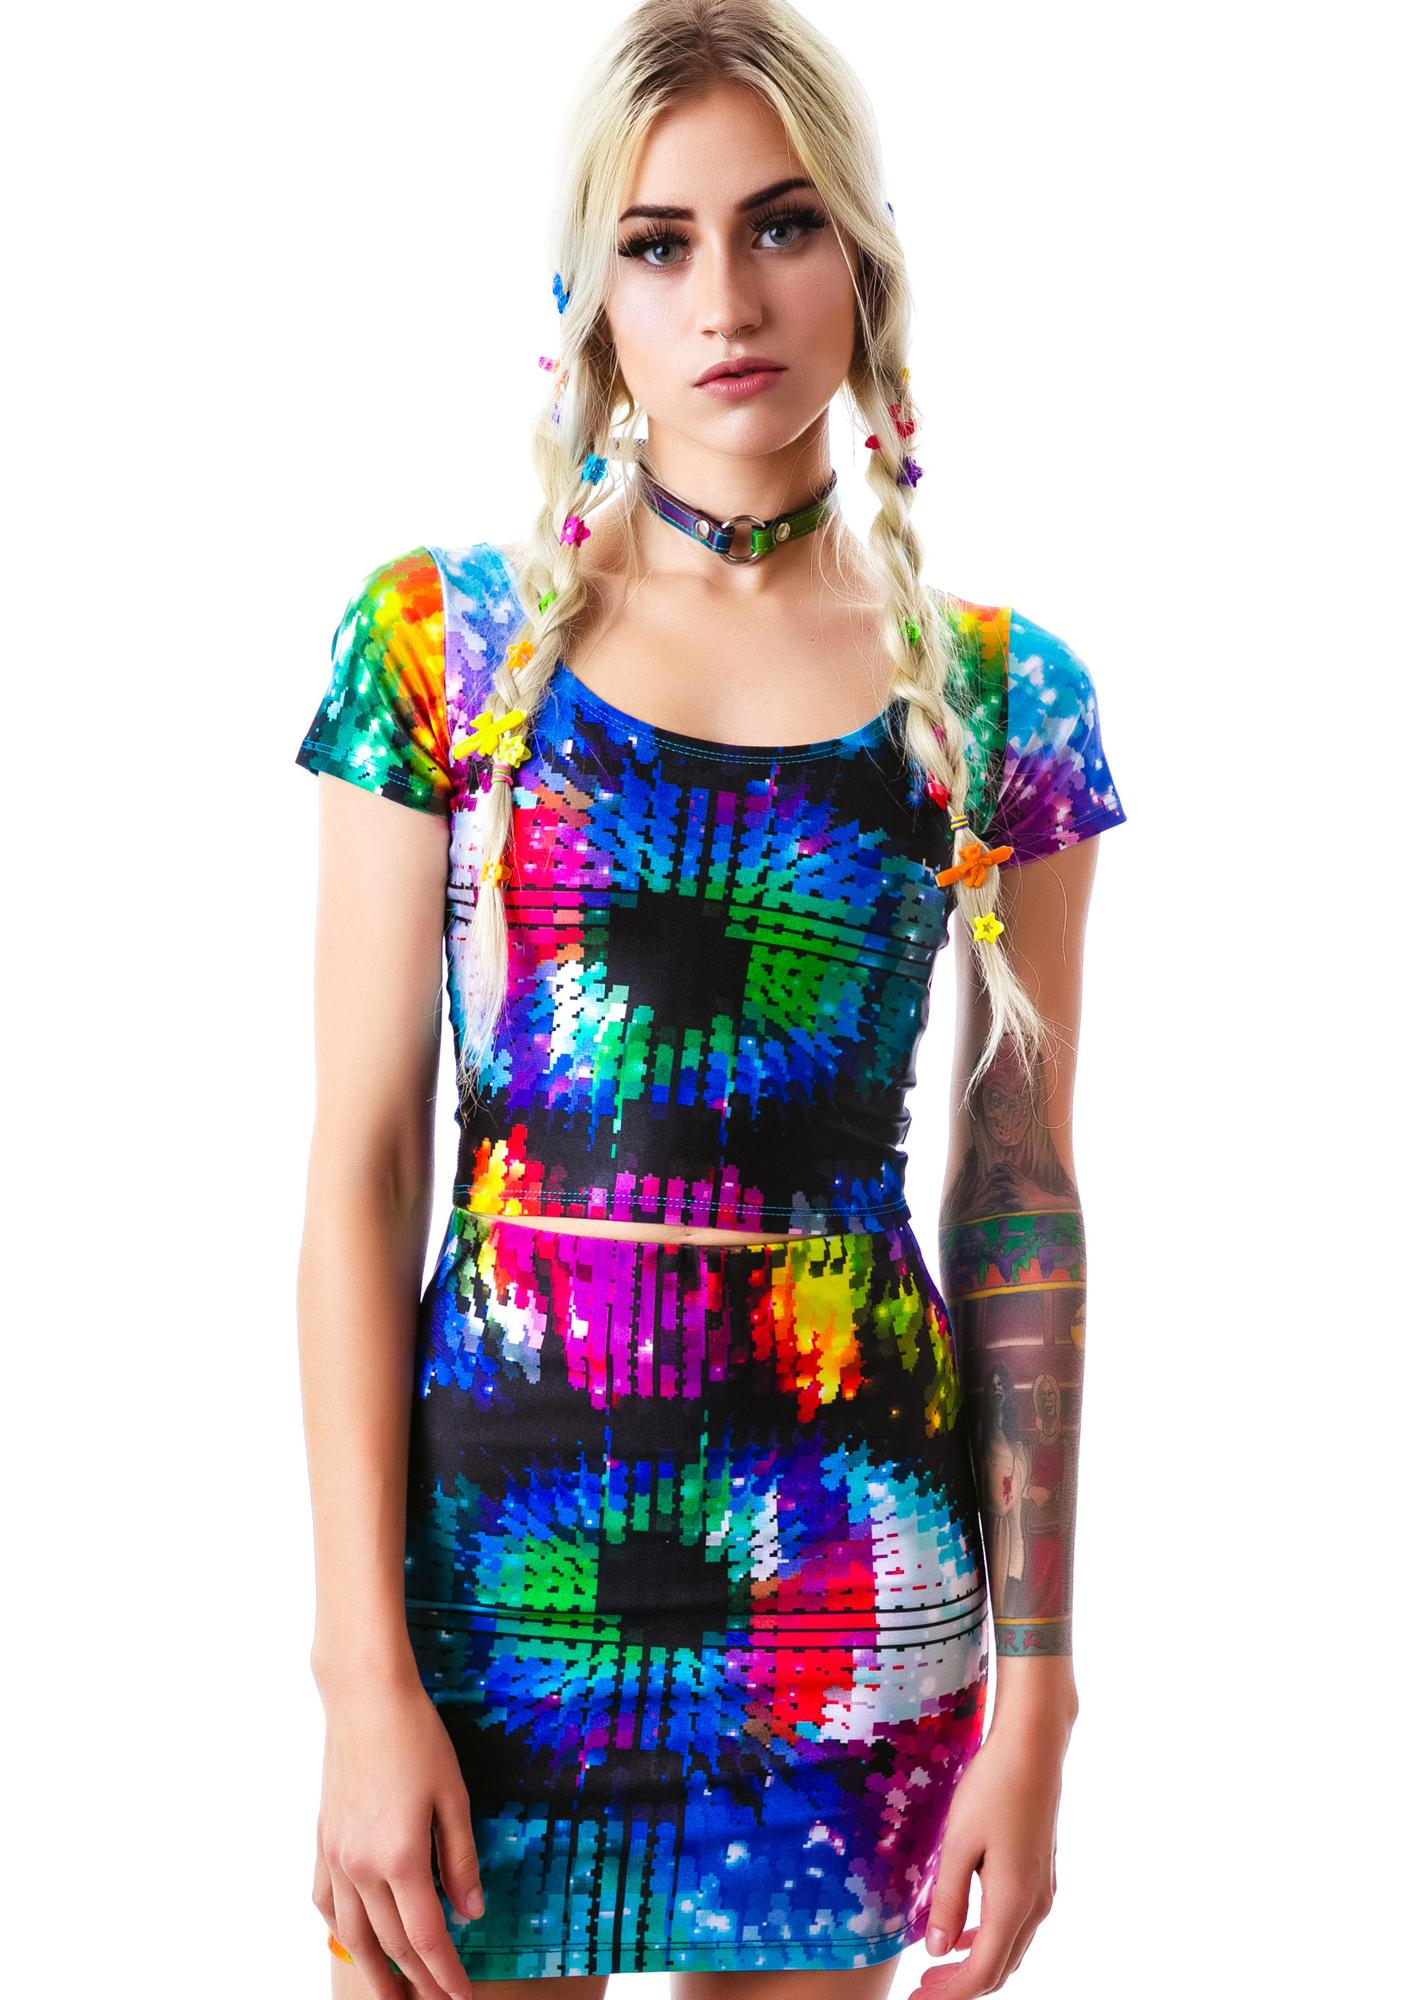 Zara Terez Magic Eye Mini Skirt